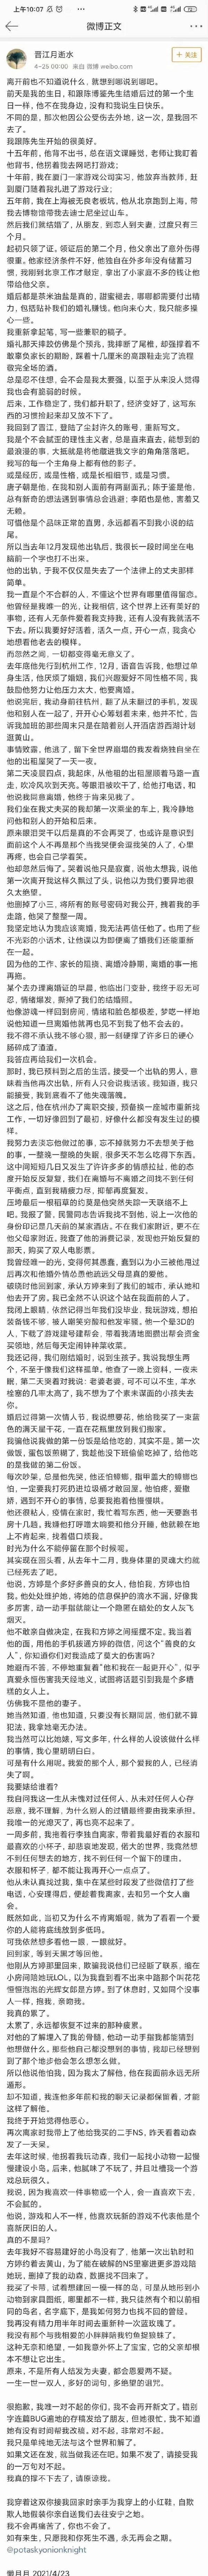 晋江女作者疑轻生被寻回 警方通报